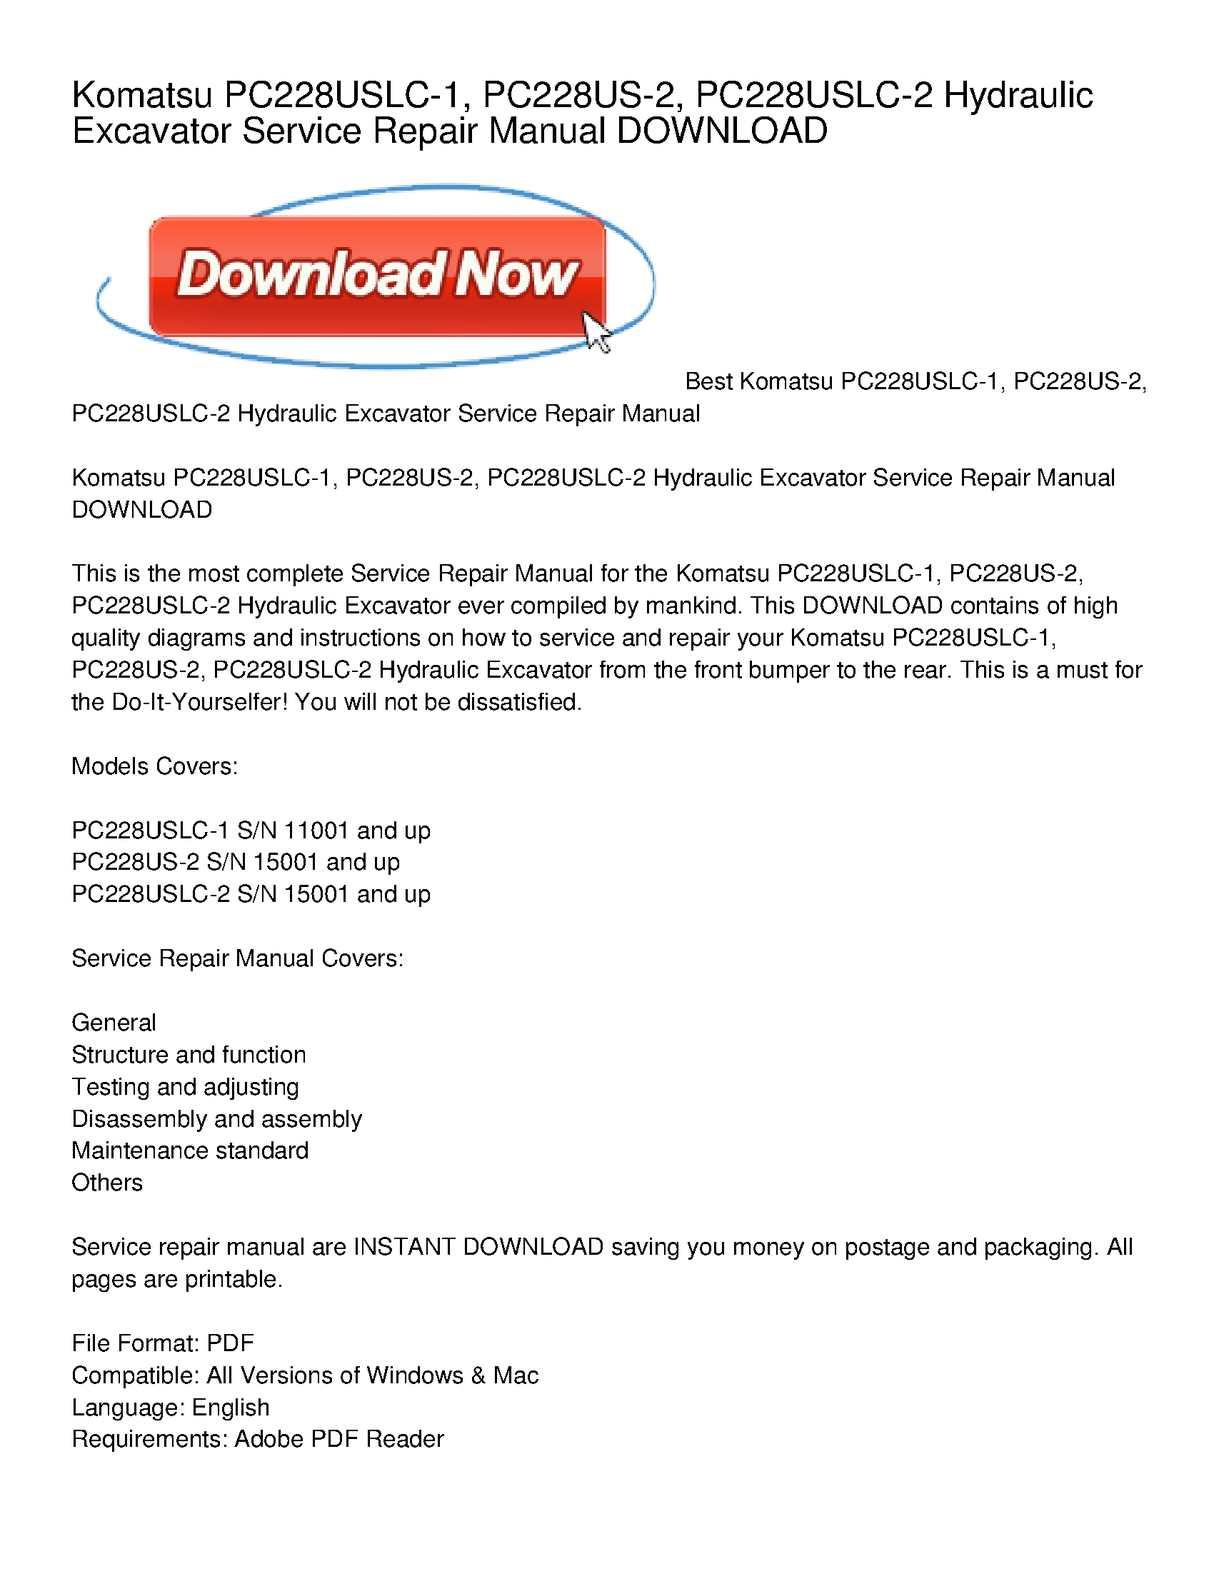 Wiring Komatsu Schematics Fb13m | Wiring Diagram on komatsu fg30 forklift wiring diagram, komatsu diagnostic codes, komatsu fg25t fork lift light wiring diagram, komatsu fg forklift wiring diagram 30011, komatsu parts, komatsu loader wiring-diagram radio, industrial hydraulic wire schematics, komatsu 25 forklift wiring diagram, toyota forklift schematics,